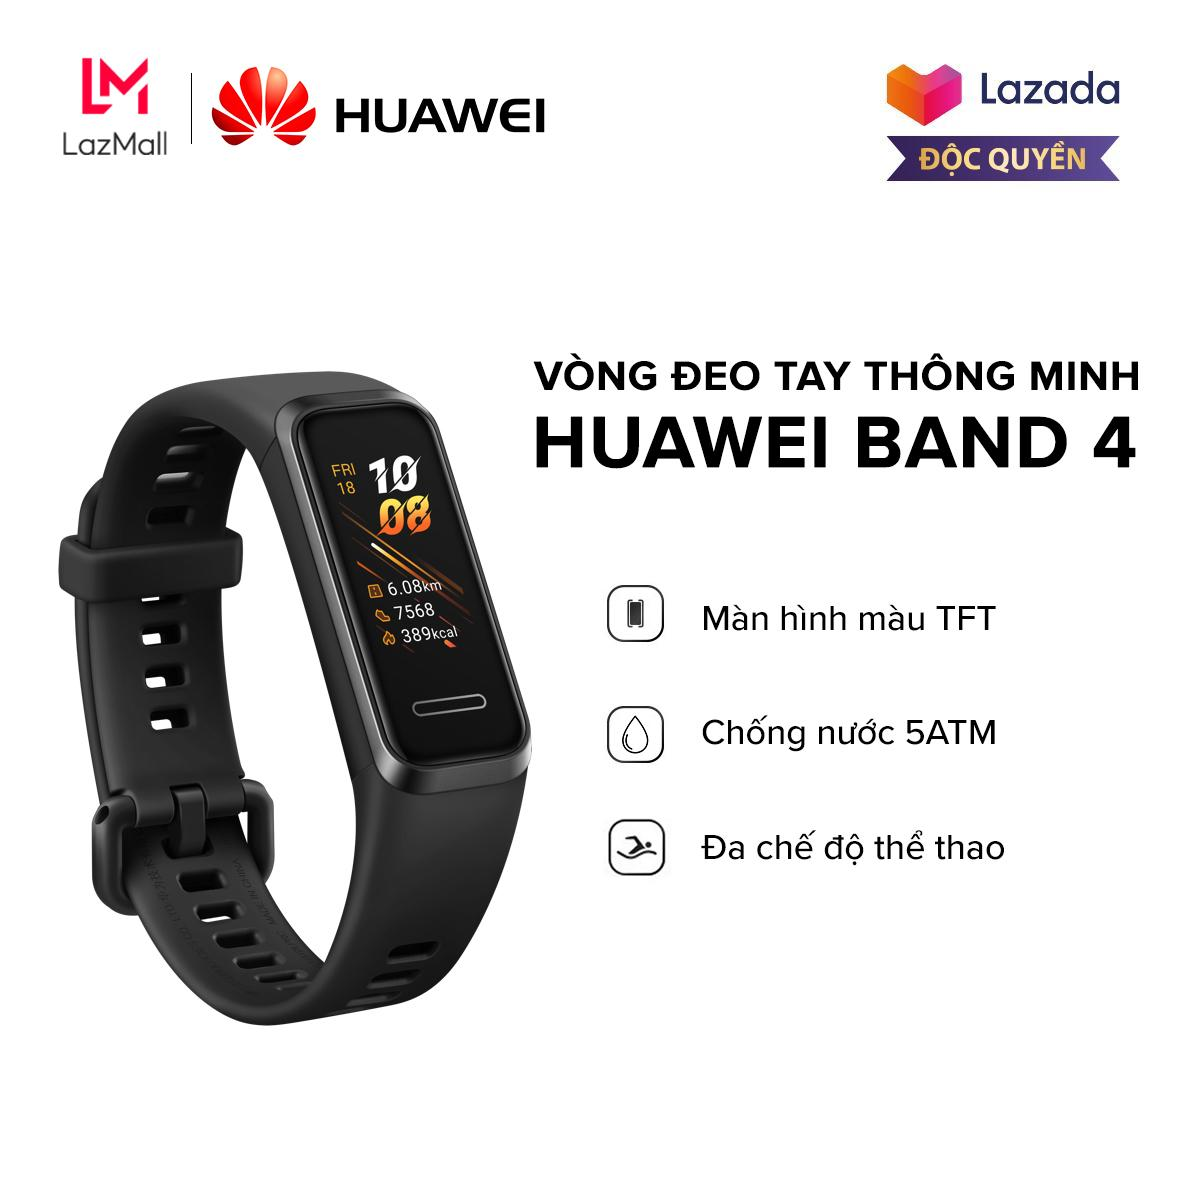 Giá [HÀNG CHÍNH HÃNG - ĐỘC QUYỀN LAZADA] Vòng đeo tay thông minh Huawei Band 4 - Màn hình màu TFT - TruSleep 2.0 - Chống nước 5ATM - Đa chế độ thể thao